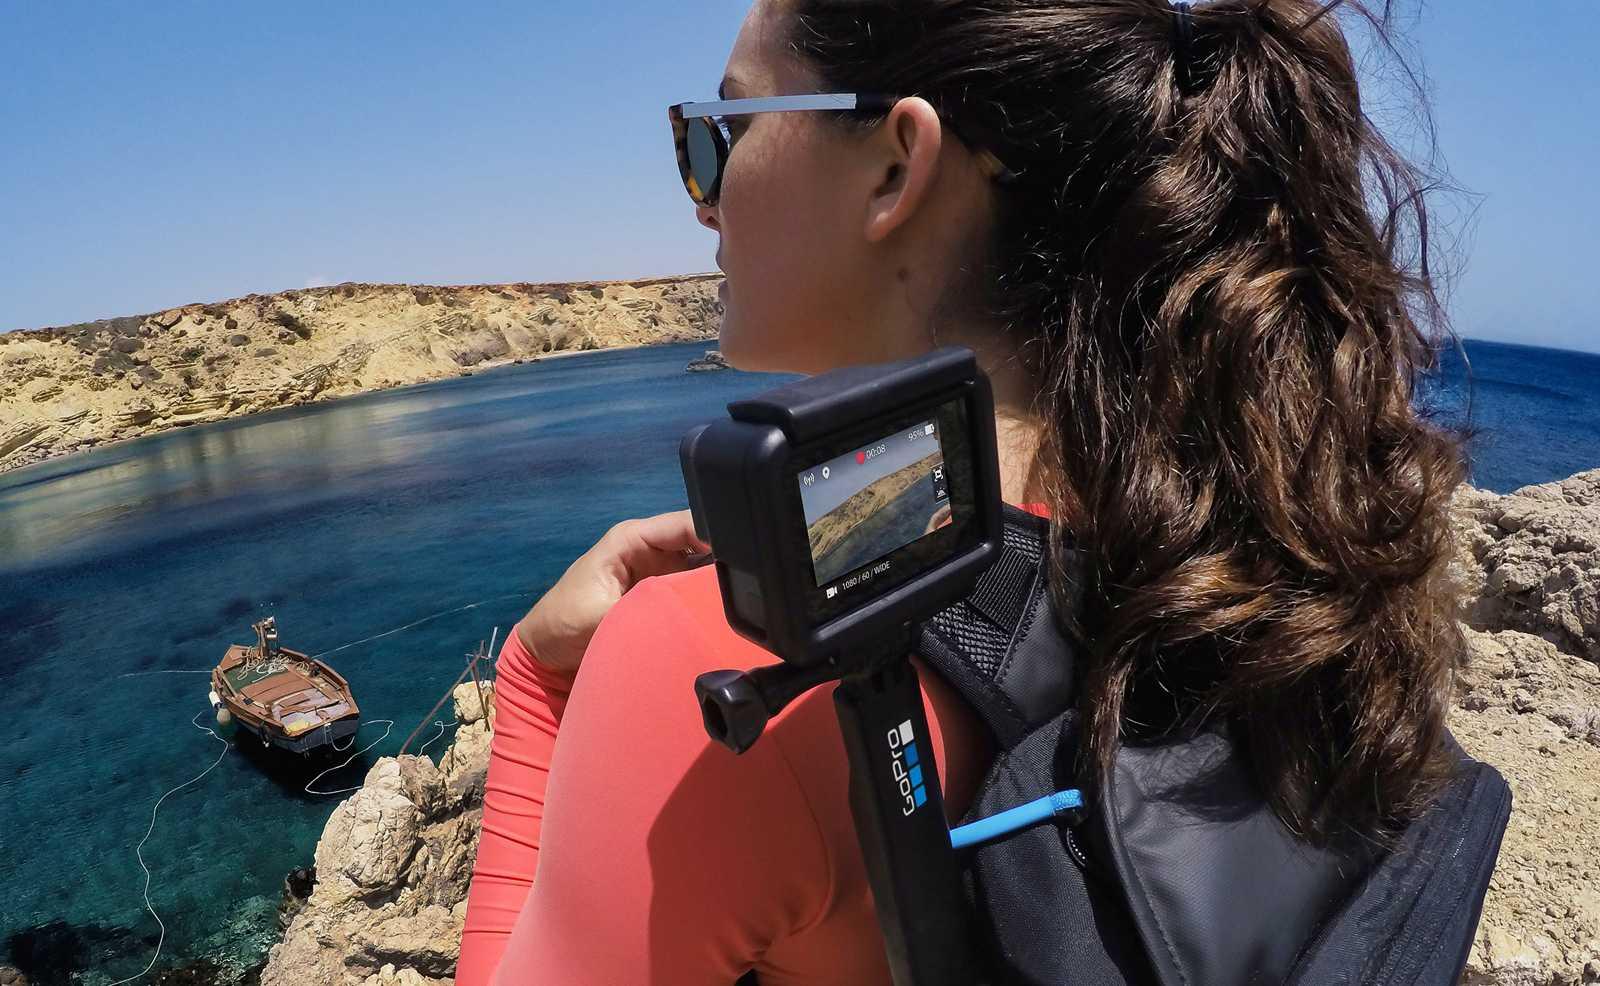 Чем отличается экшн камера от видеокамеры | action camera - особенности, характеристики, преимущества, плюсы